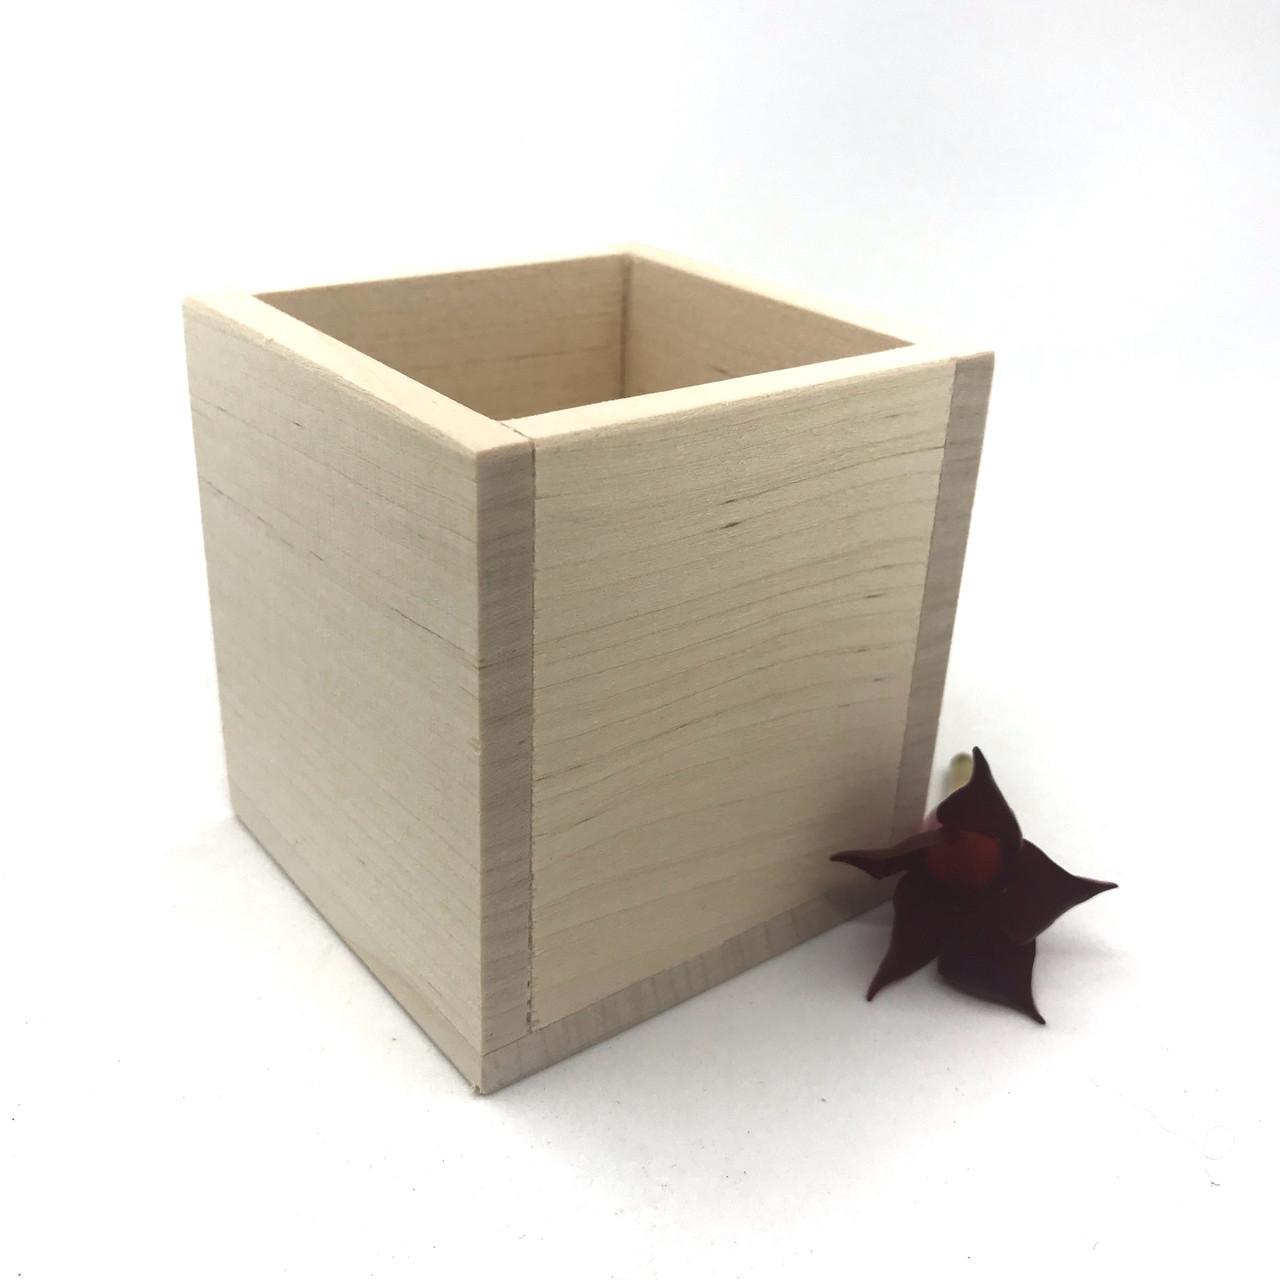 Візитниця дерев'яна 7.5*7*7см